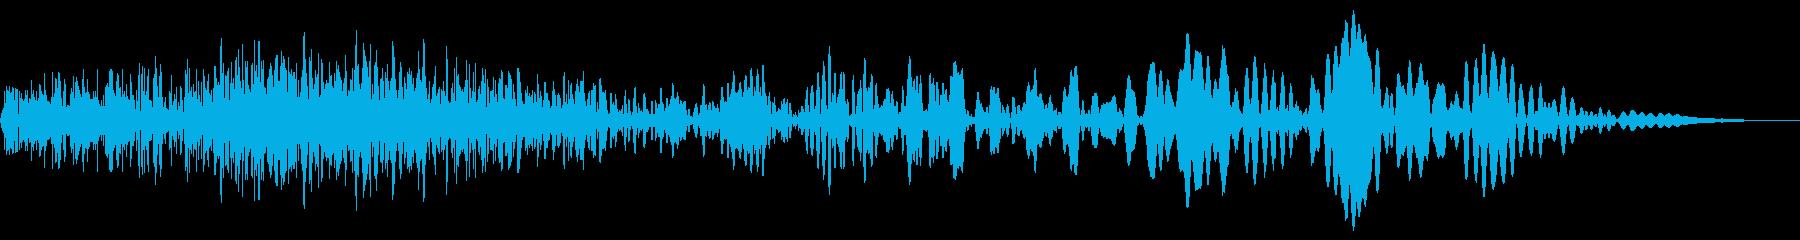 メカ挙動音、衝撃音(ガチャ、ゴー)の再生済みの波形